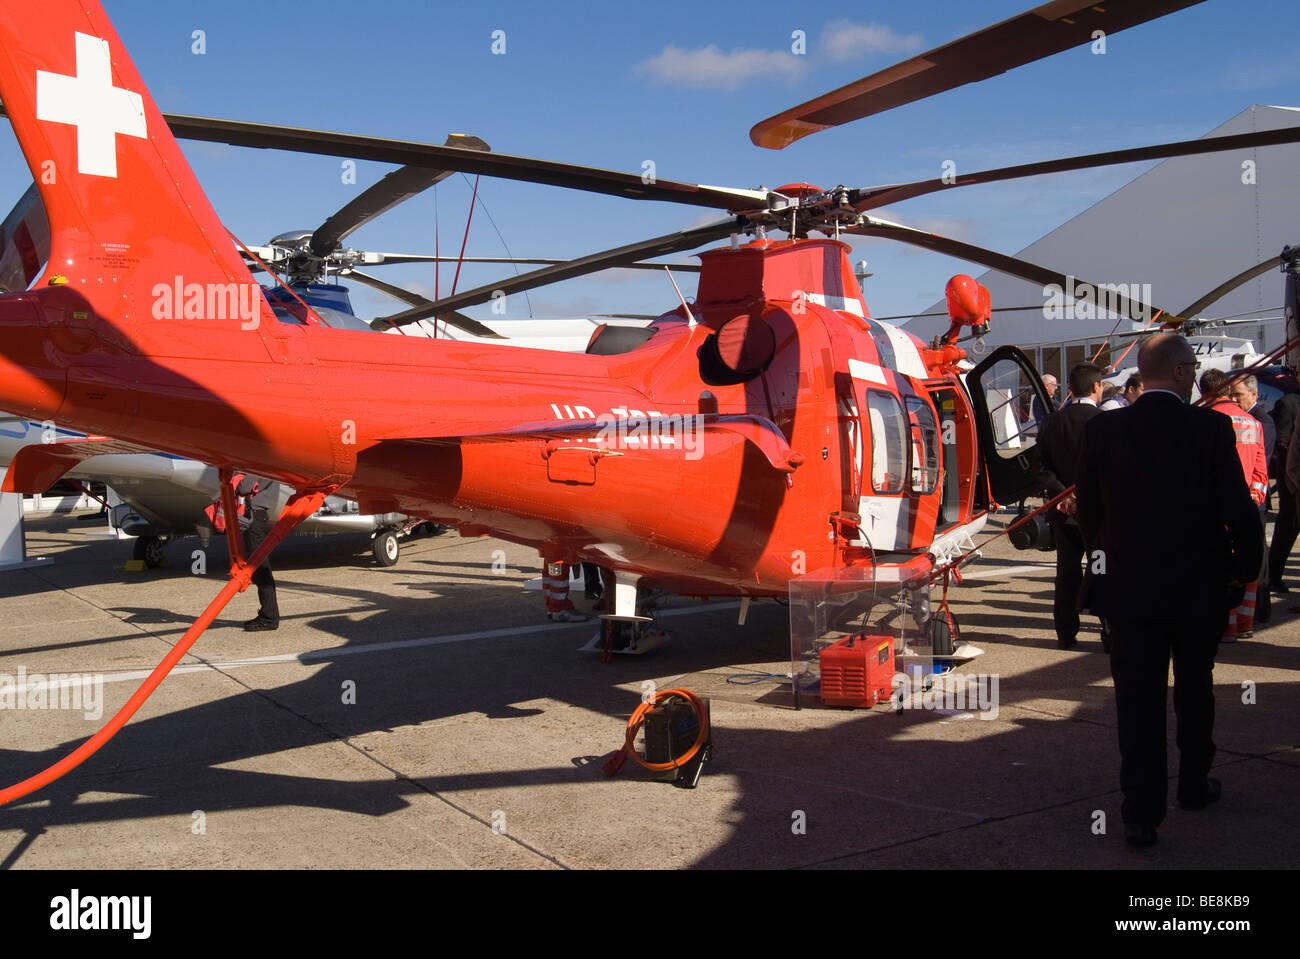 AW109S'AgustaWestland Da Vinci HB-ZRZ hélicoptère à l'Aérodrome de Duxford Salon salon Helitech Cambridgeshire Angleterre Banque D'Images